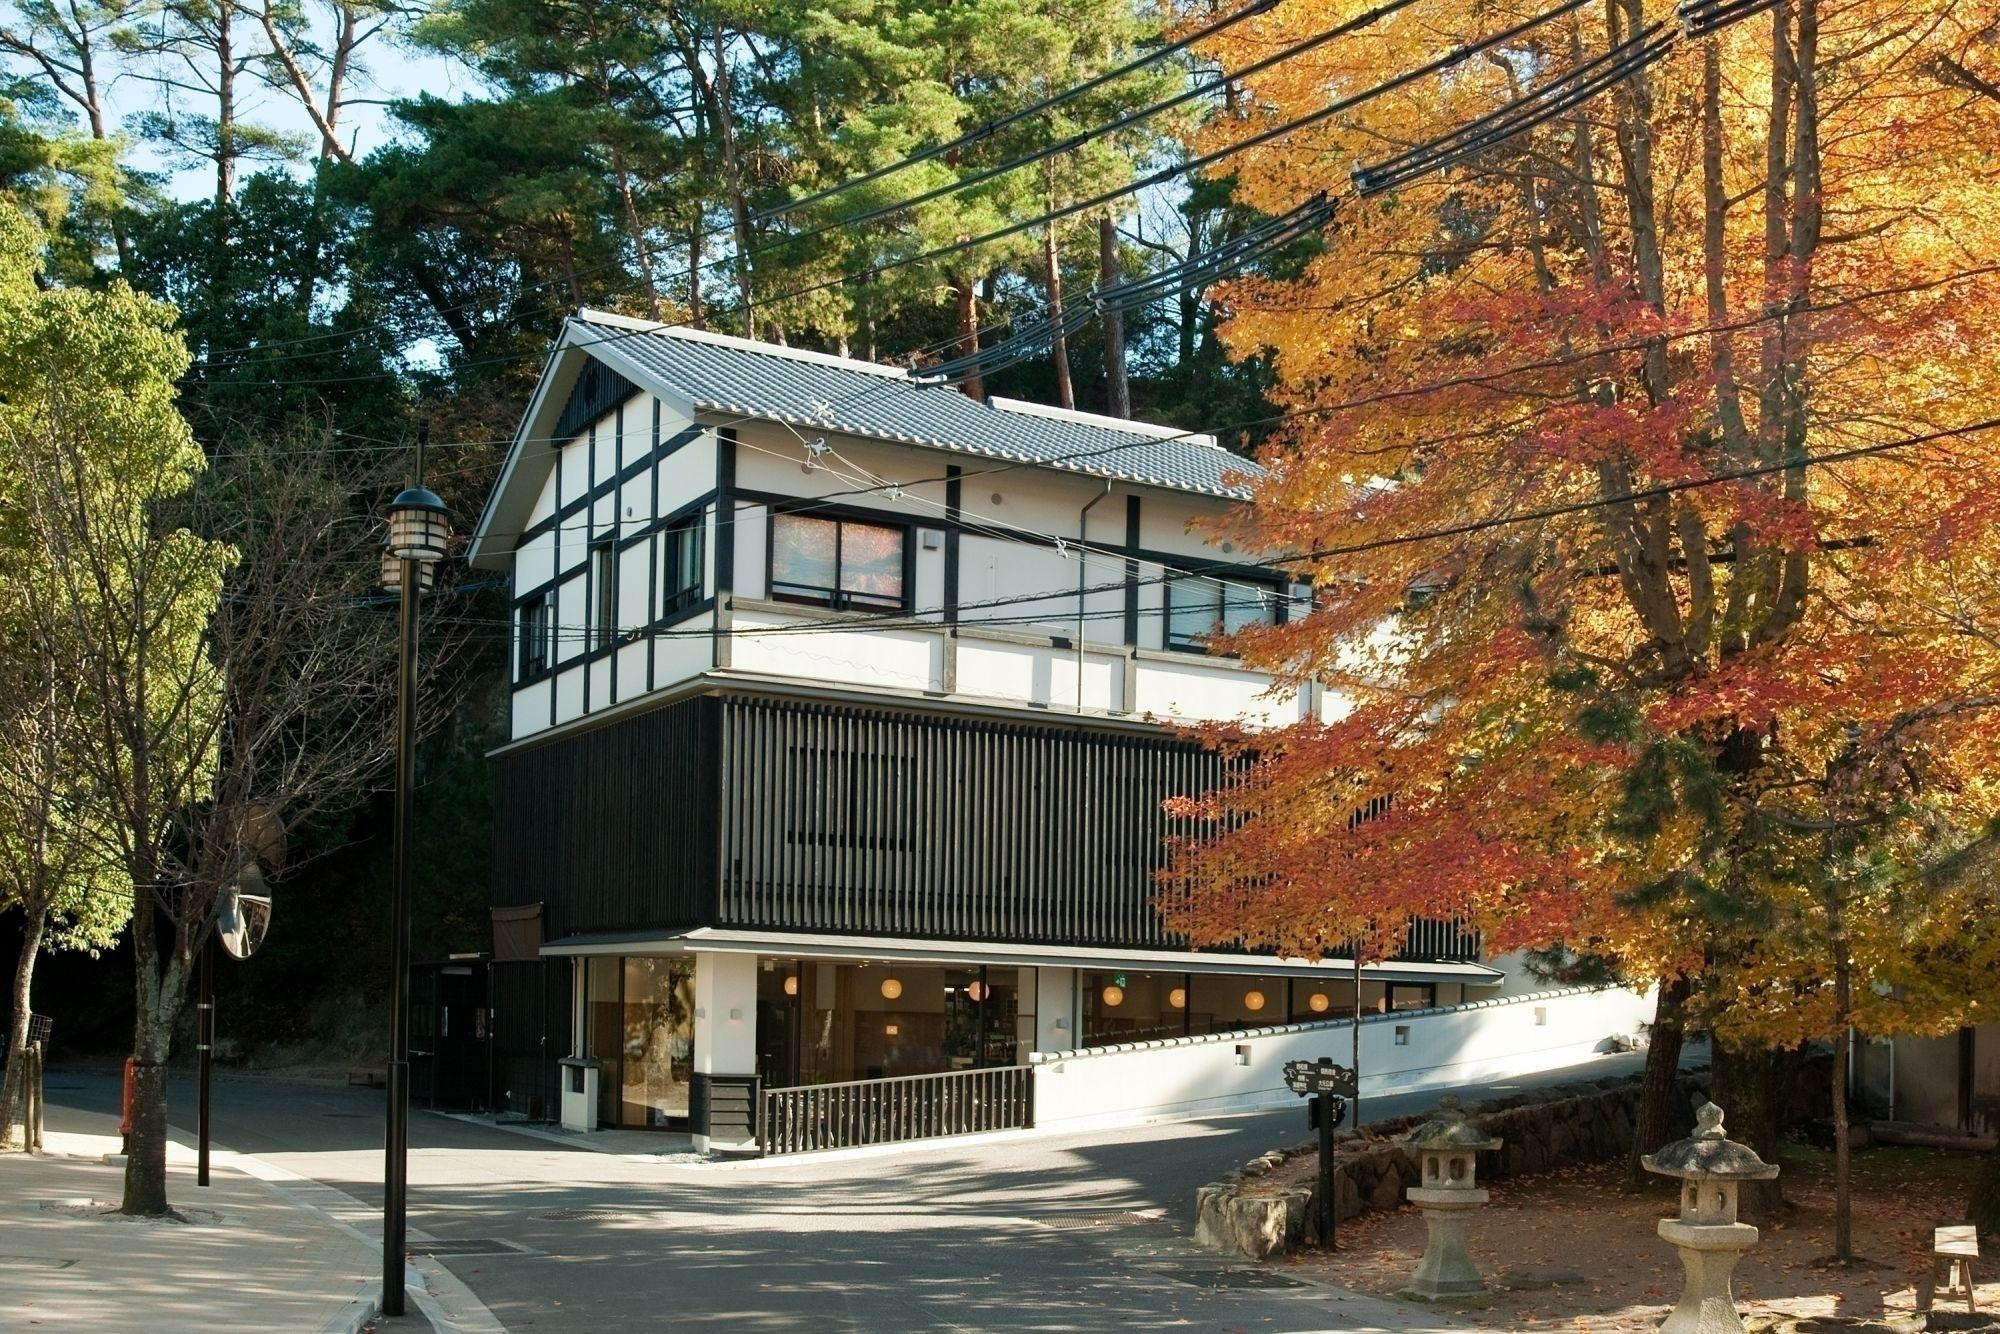 旅彩のお宿 水羽荘 宮島・広島/西日本の素敵な宿・高枕(たかまくら)